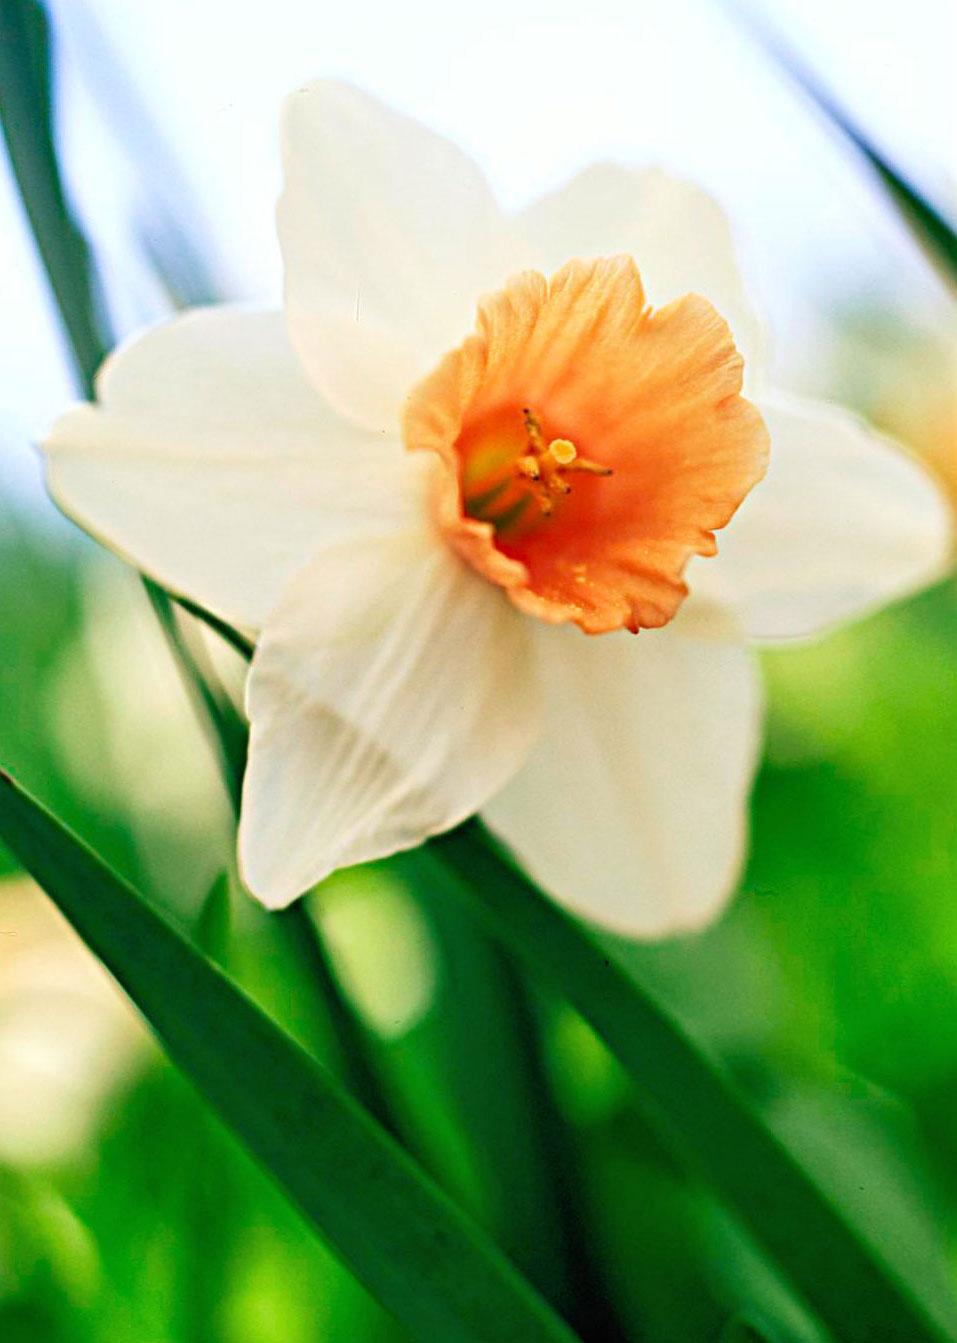 'Fragrant Rose': appealing fragrance